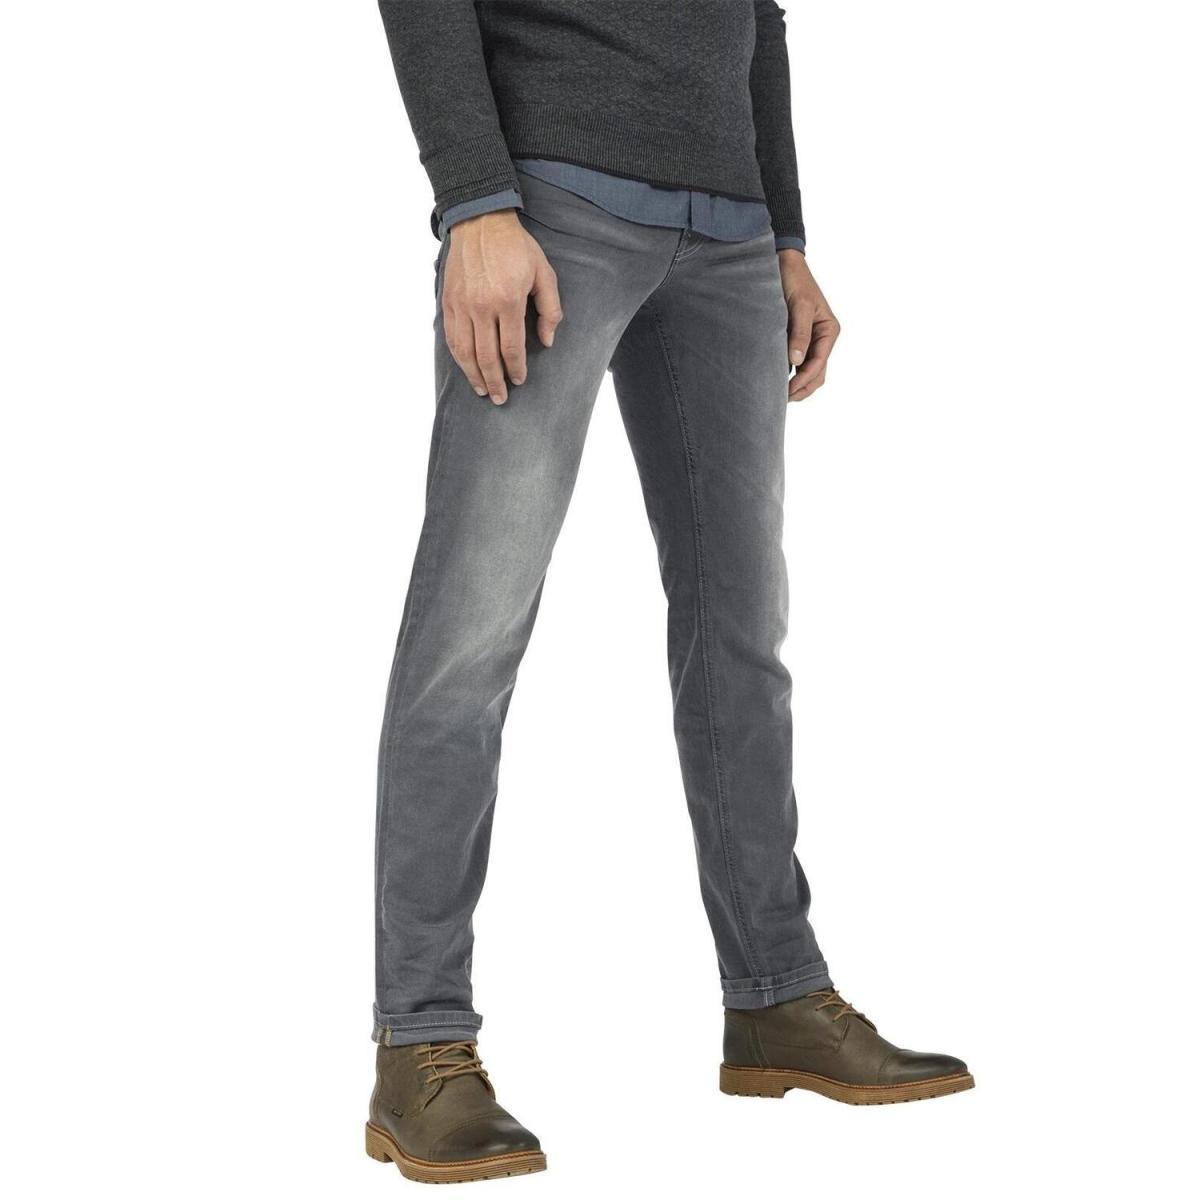 skyhawk ptr170 pme legend jeans dark grey denim